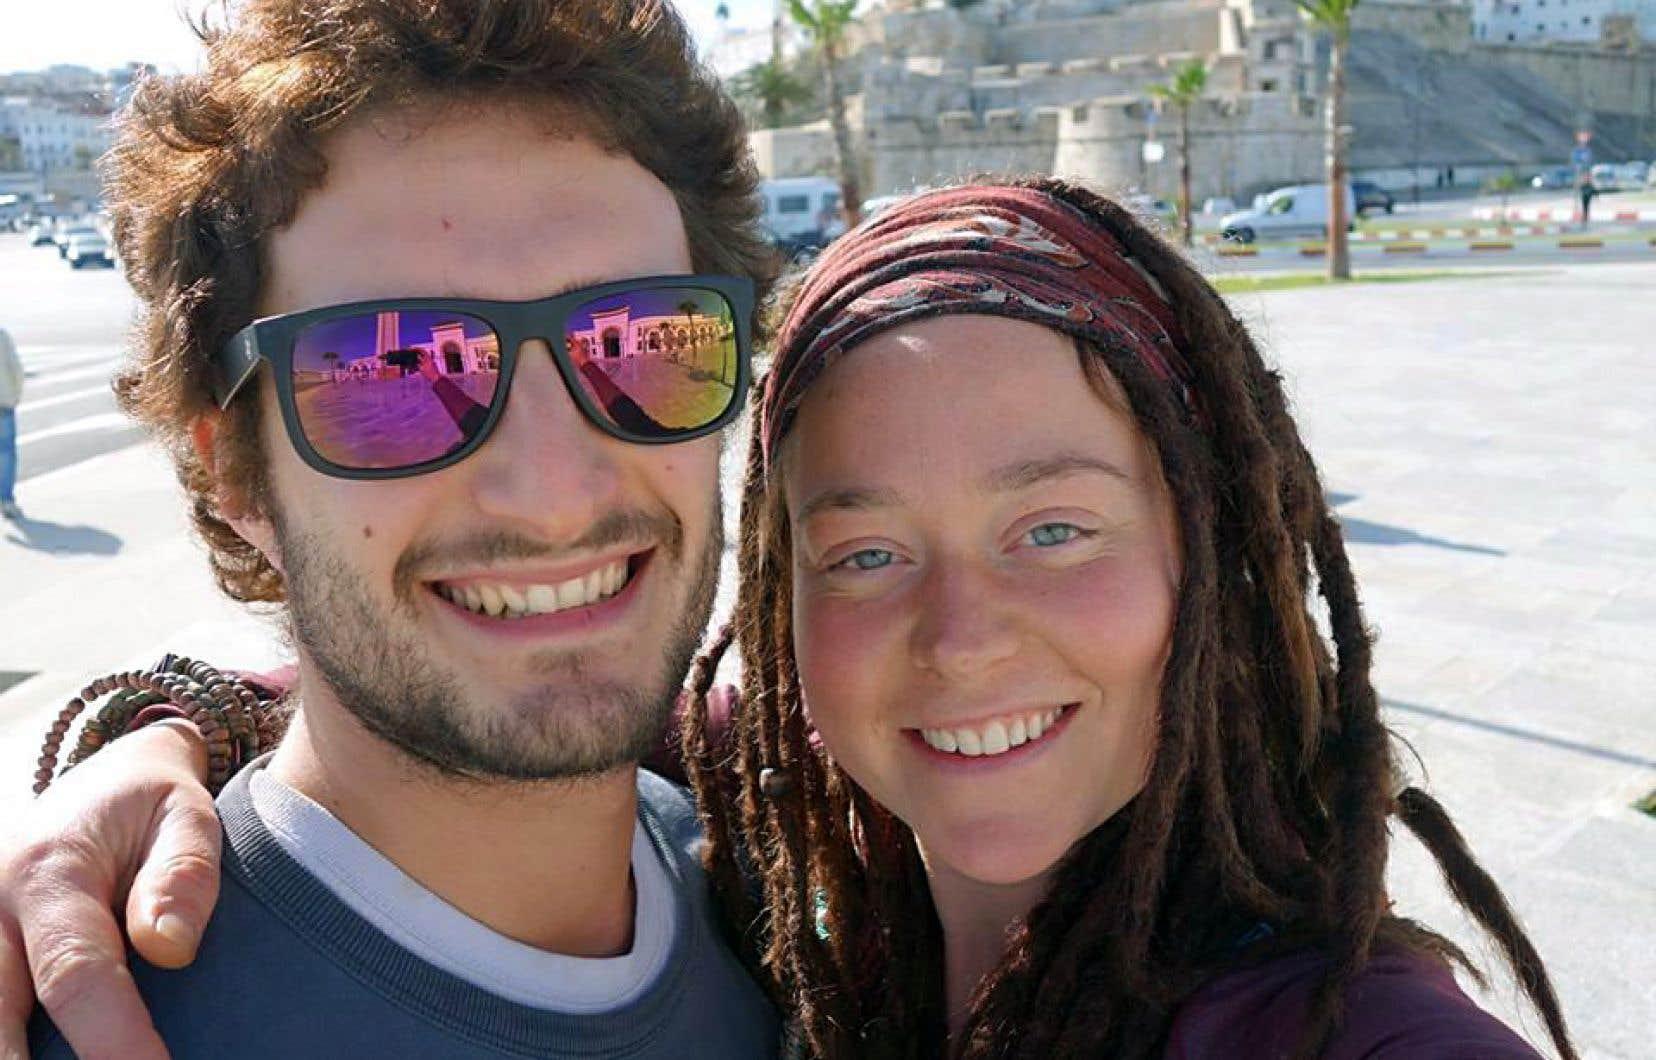 Cette photo d'Edith Blais et de son ami Luca Tacchetto, lors de leur périple africain, fait partie des derniers clichés publiés sur Facebook.